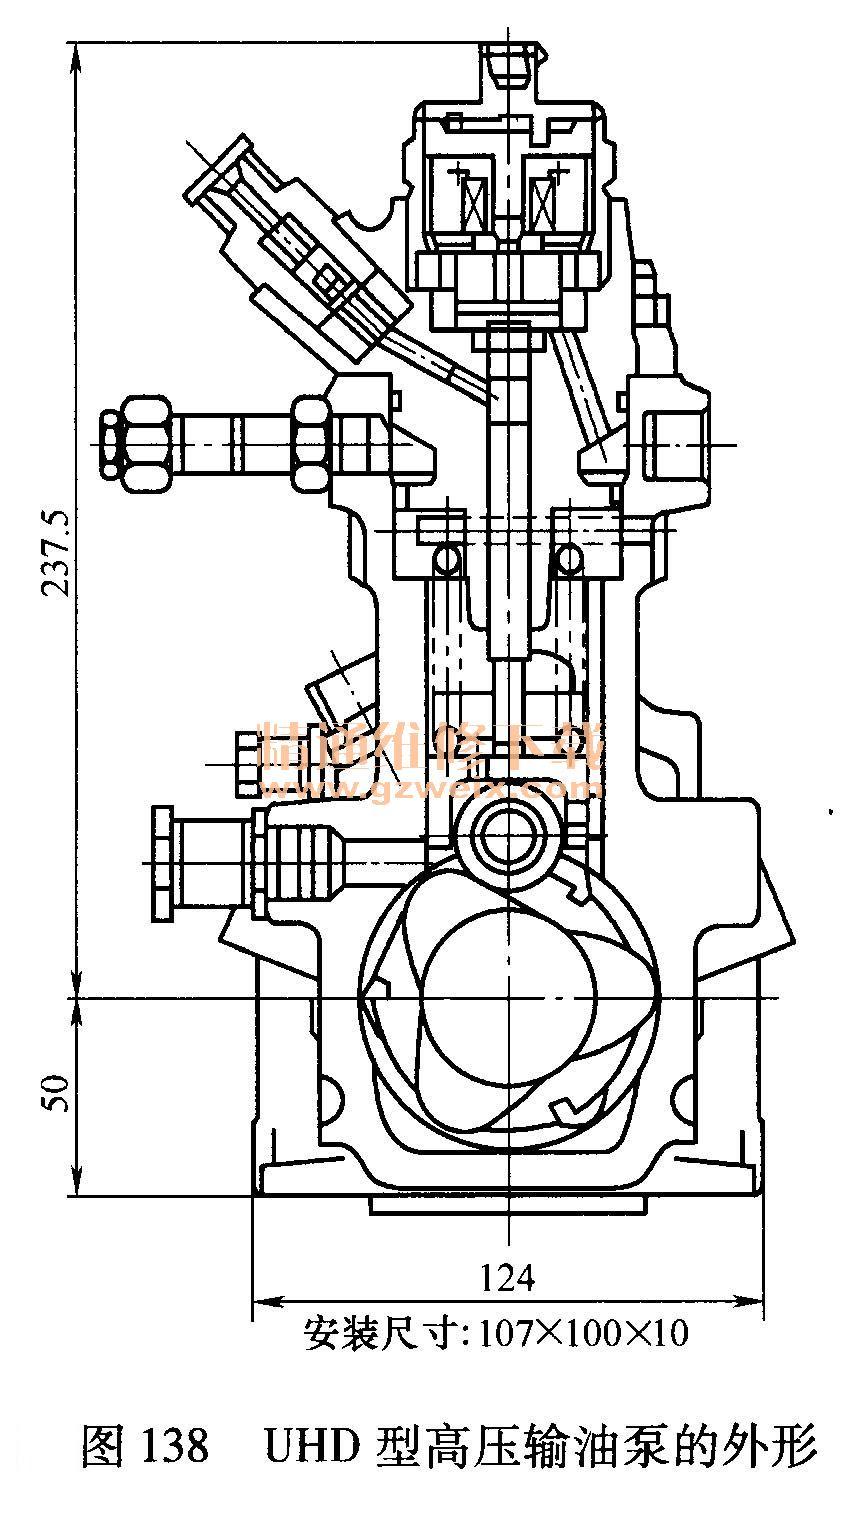 气缸盖由合金铸铁材料制造而成的,一缸一盖,每缸采用4气门进排气系统,每缸4气门的设计使喷油分布更均匀,充气系数更高,有效地降低了排放;气缸盖上进排气道分布于两侧,进气道能够产生一定的旋流。 气缸盖上采用镶入喷油器衬套结构,对改善喷油嘴的散热,提高喷油嘴的工作可靠性十分有利;冷却液流入气缸盖后,全部通过鼻梁区的水腔,然后流经喷油器衬套进入气缸体内的出水腔,冷却效果良好。